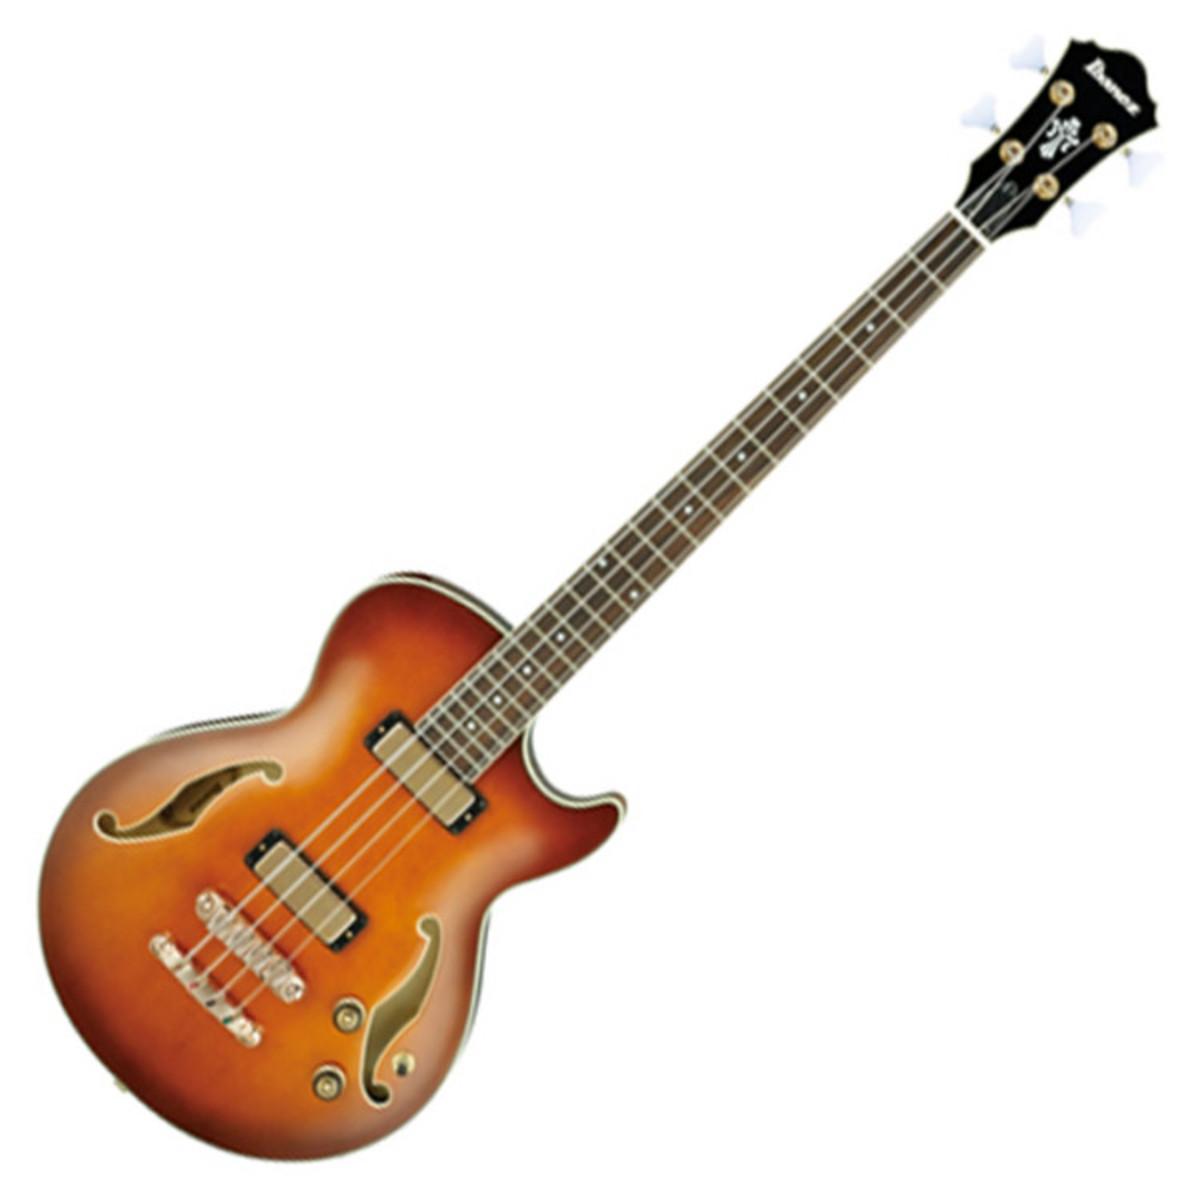 disc ibanez agb200 4 string bass guitar violin sunburst at gear4music. Black Bedroom Furniture Sets. Home Design Ideas